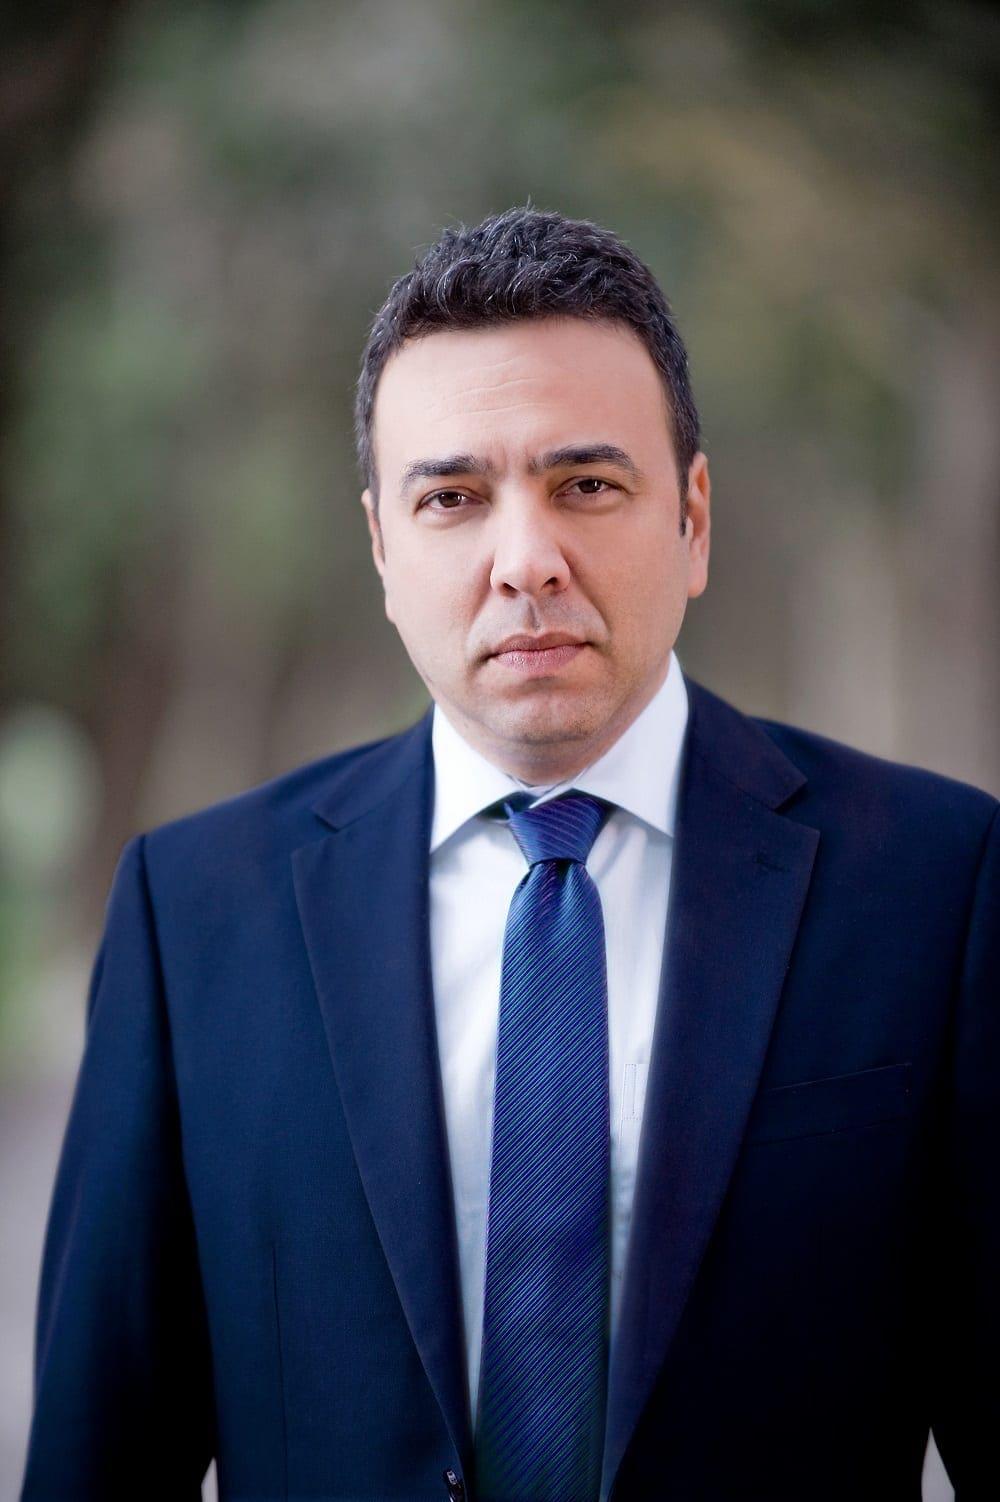 DRAKOS STEFANOS